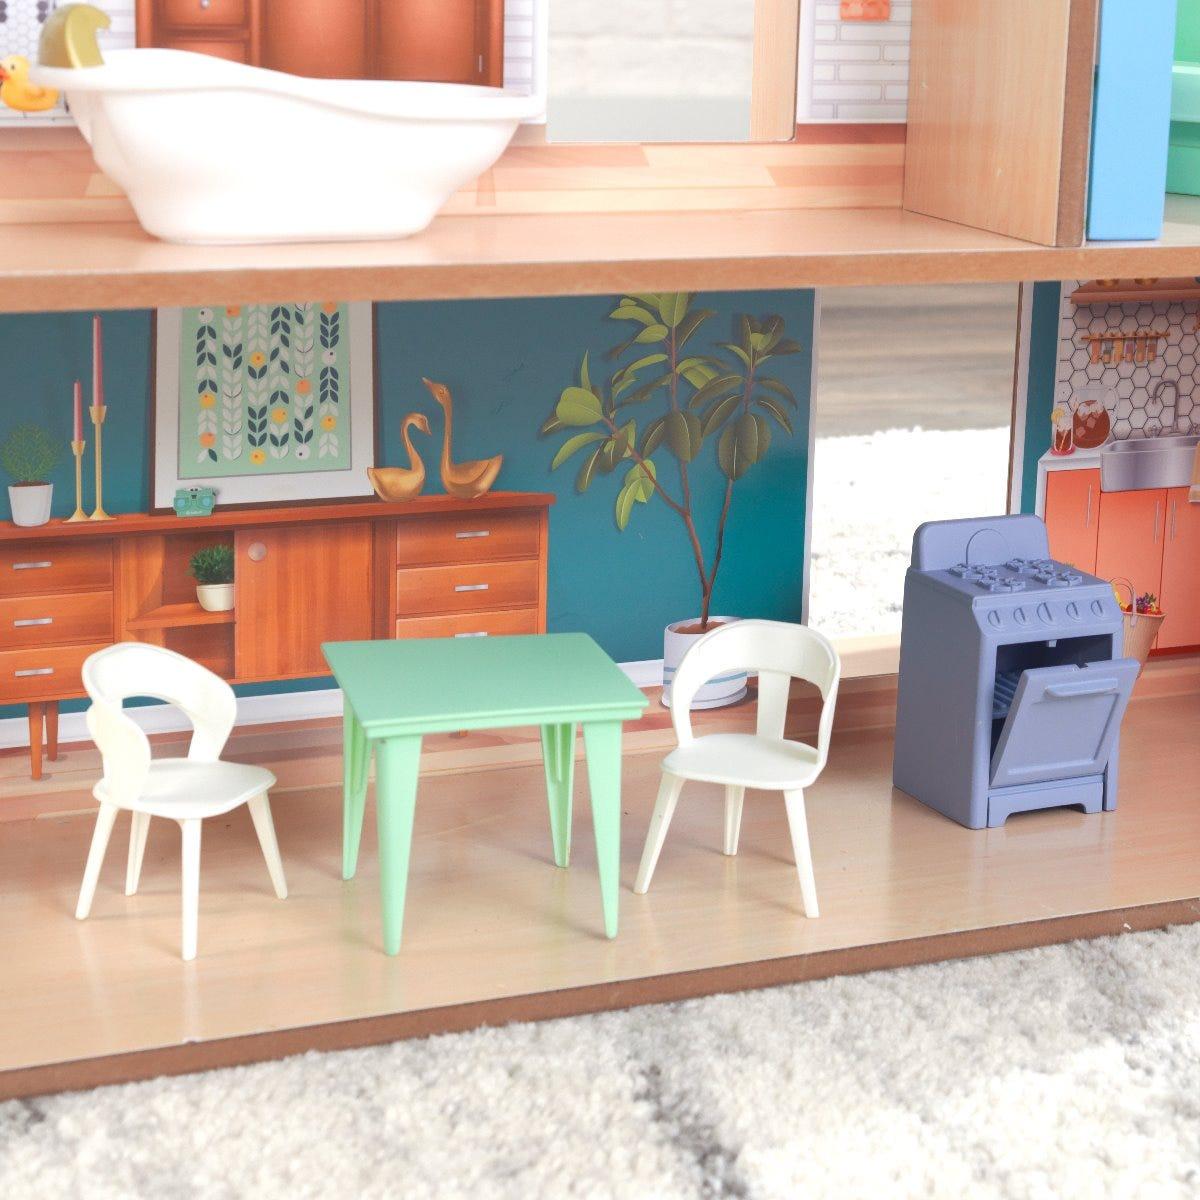 Дървена къщичка за кукли Хейзал от KidKraft-bellamiestoreДървена къщичка за кукли Хейзал от KidKraft-bellamiestore